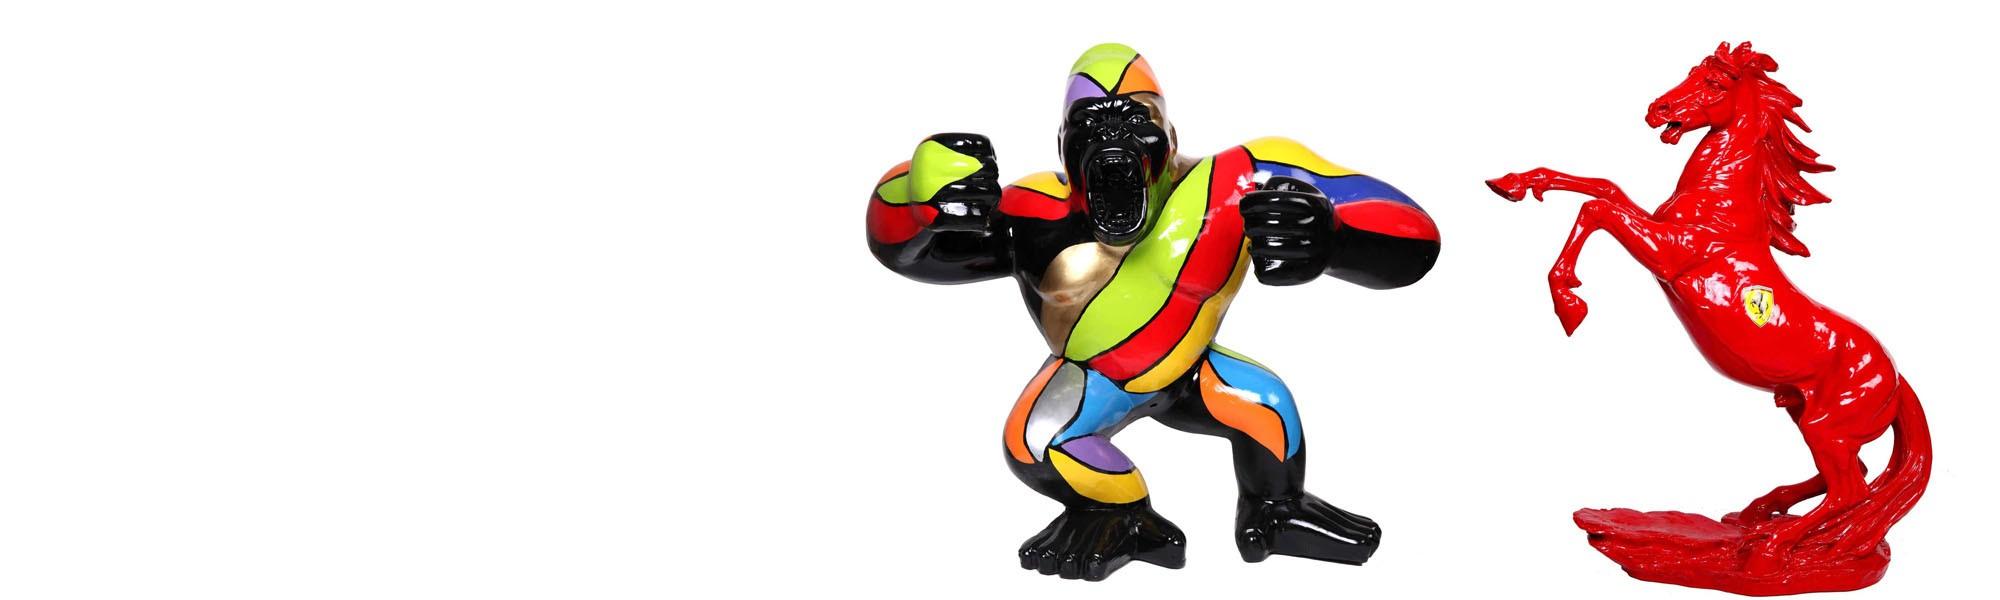 statue-gorille-sculpture